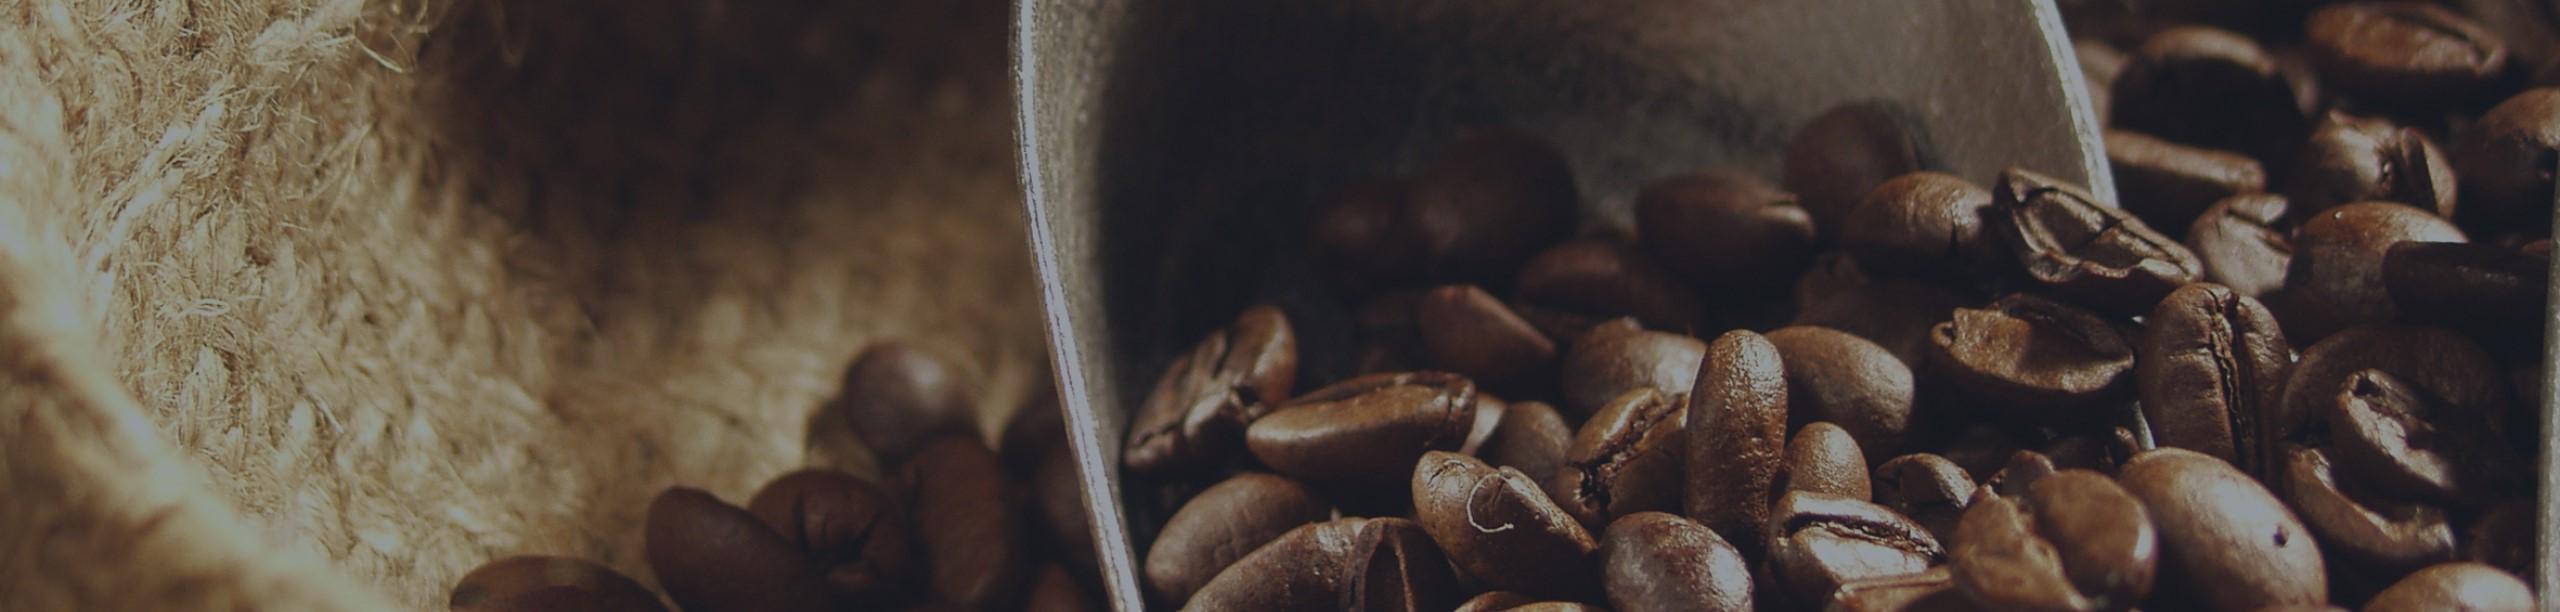 Coffee1-4